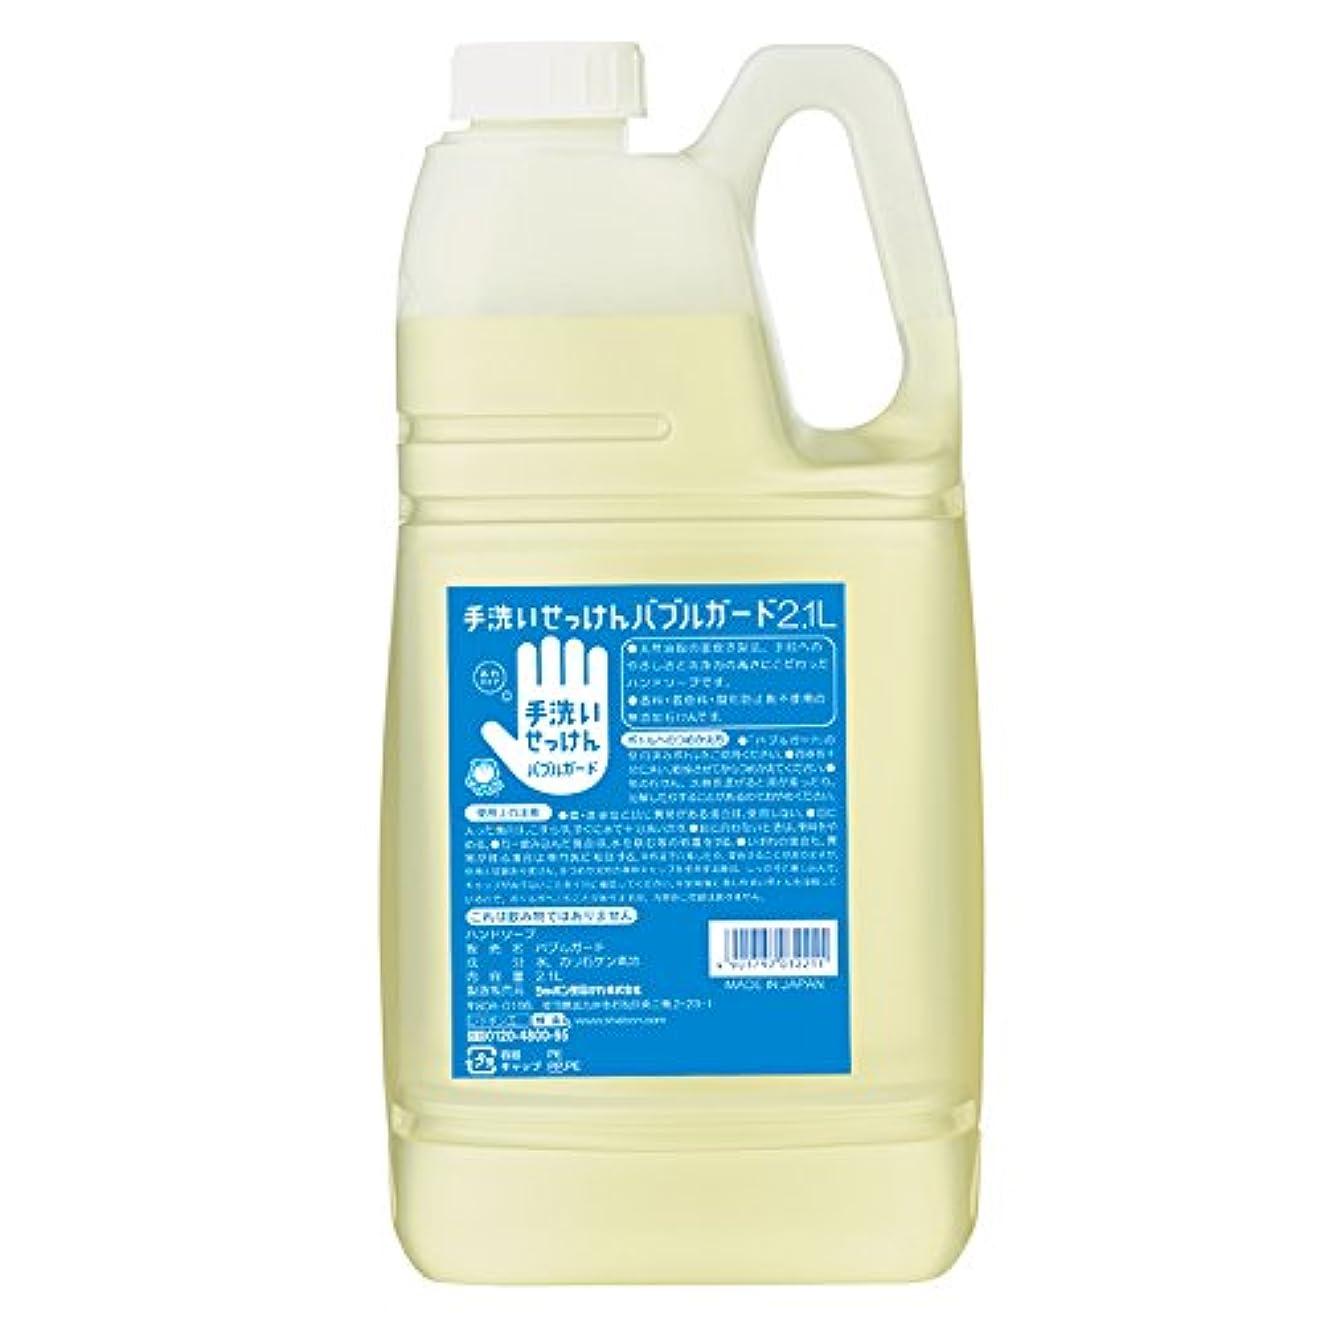 可能にする会員ディレイシャボン玉石けん 手洗いせっけん?ハンドソープ バブルガード 2.1L